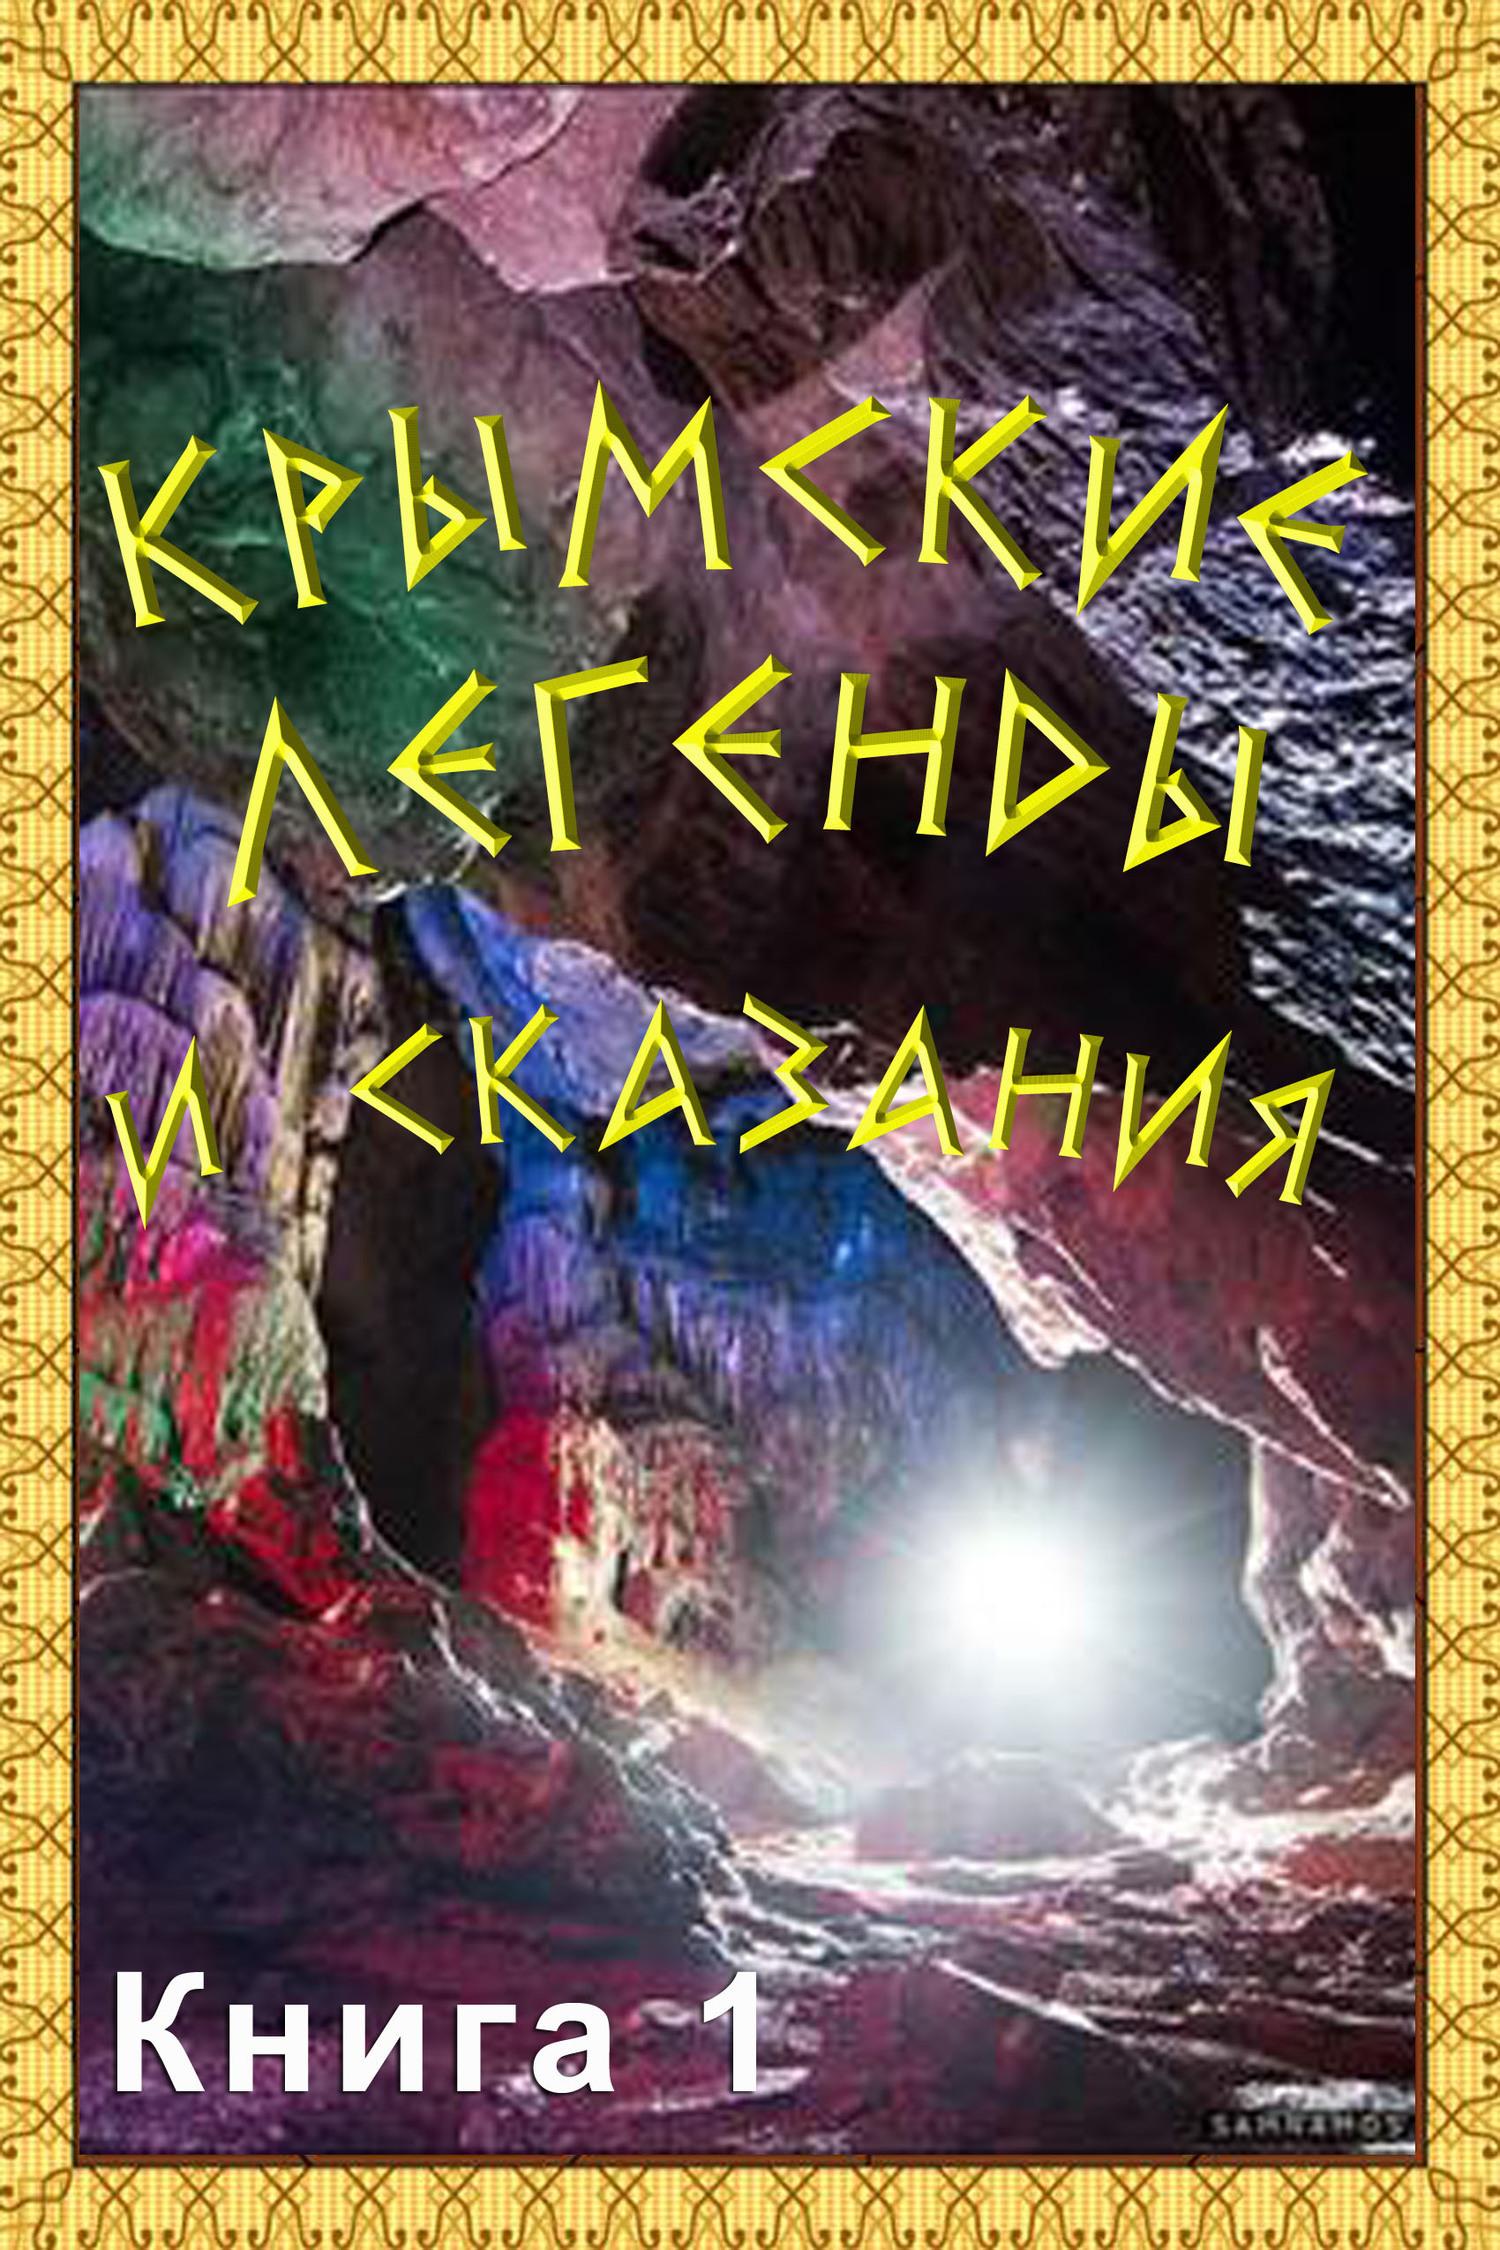 Крымские легенды и сказания. Книга 1